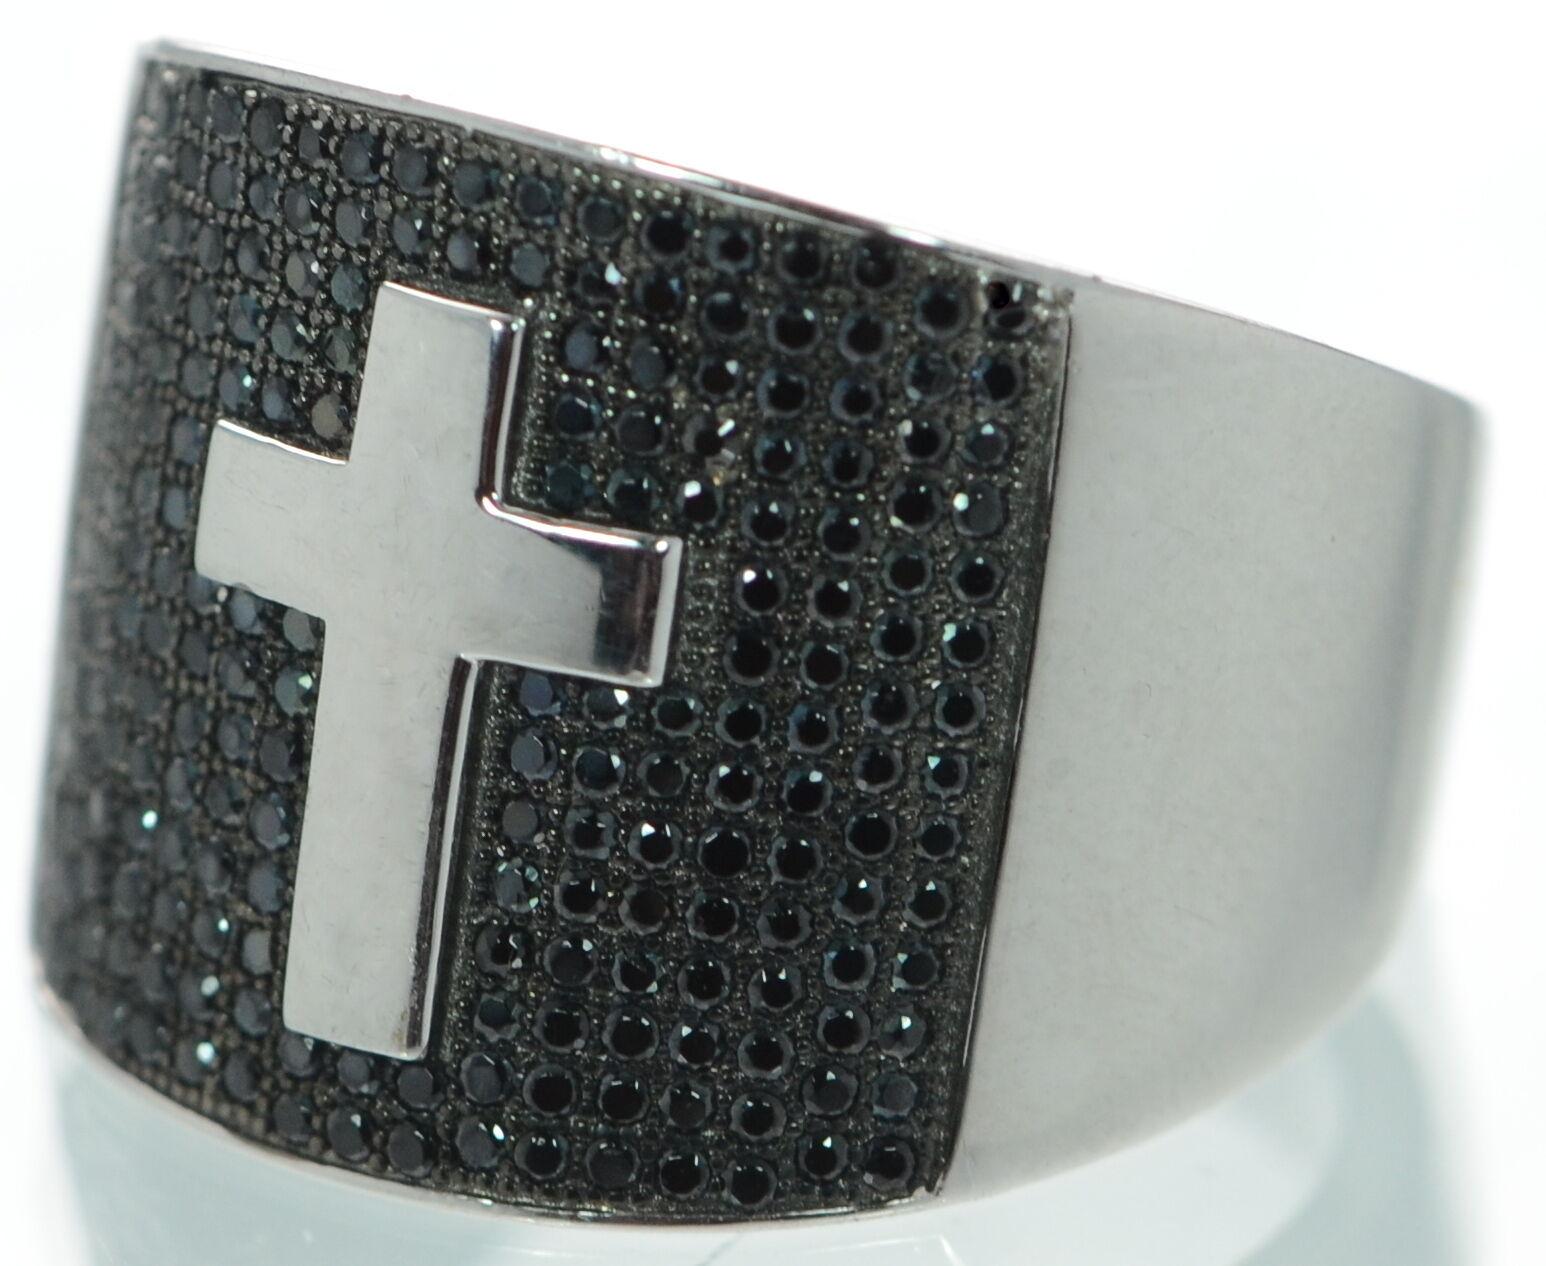 Massiccio 925 argentoo di Qualità Nero Nero Nero Diamanti Finti Uomo Anello Croce Dimensione-2.7m 71e9b4